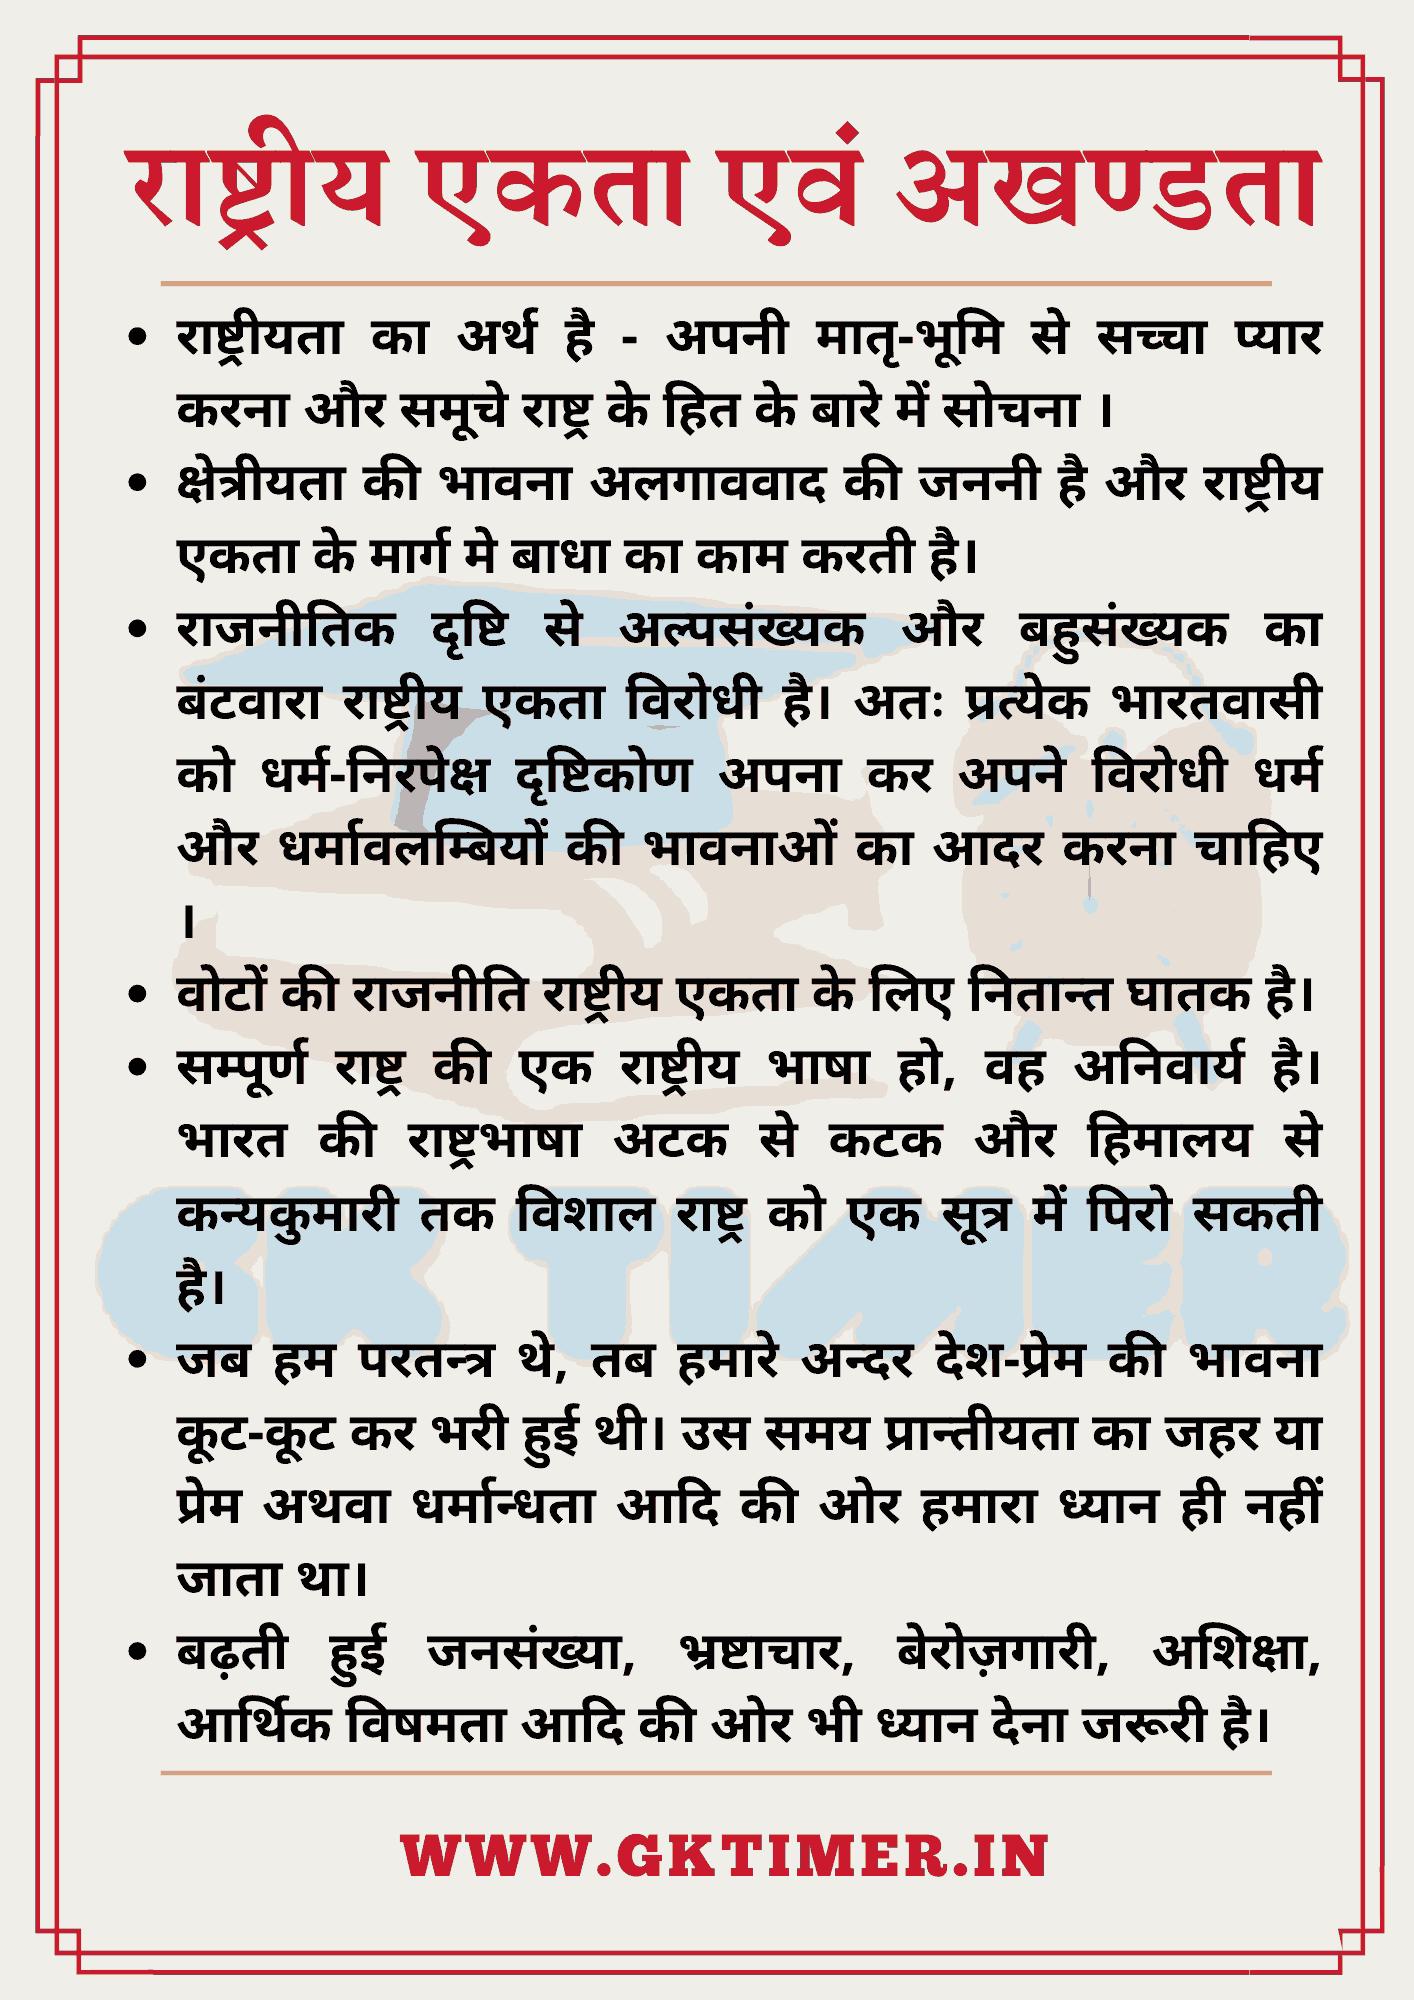 राष्ट्रीय एकता एवं अखण्डता पर निबंध   National unity and integrity Essay in Hindi